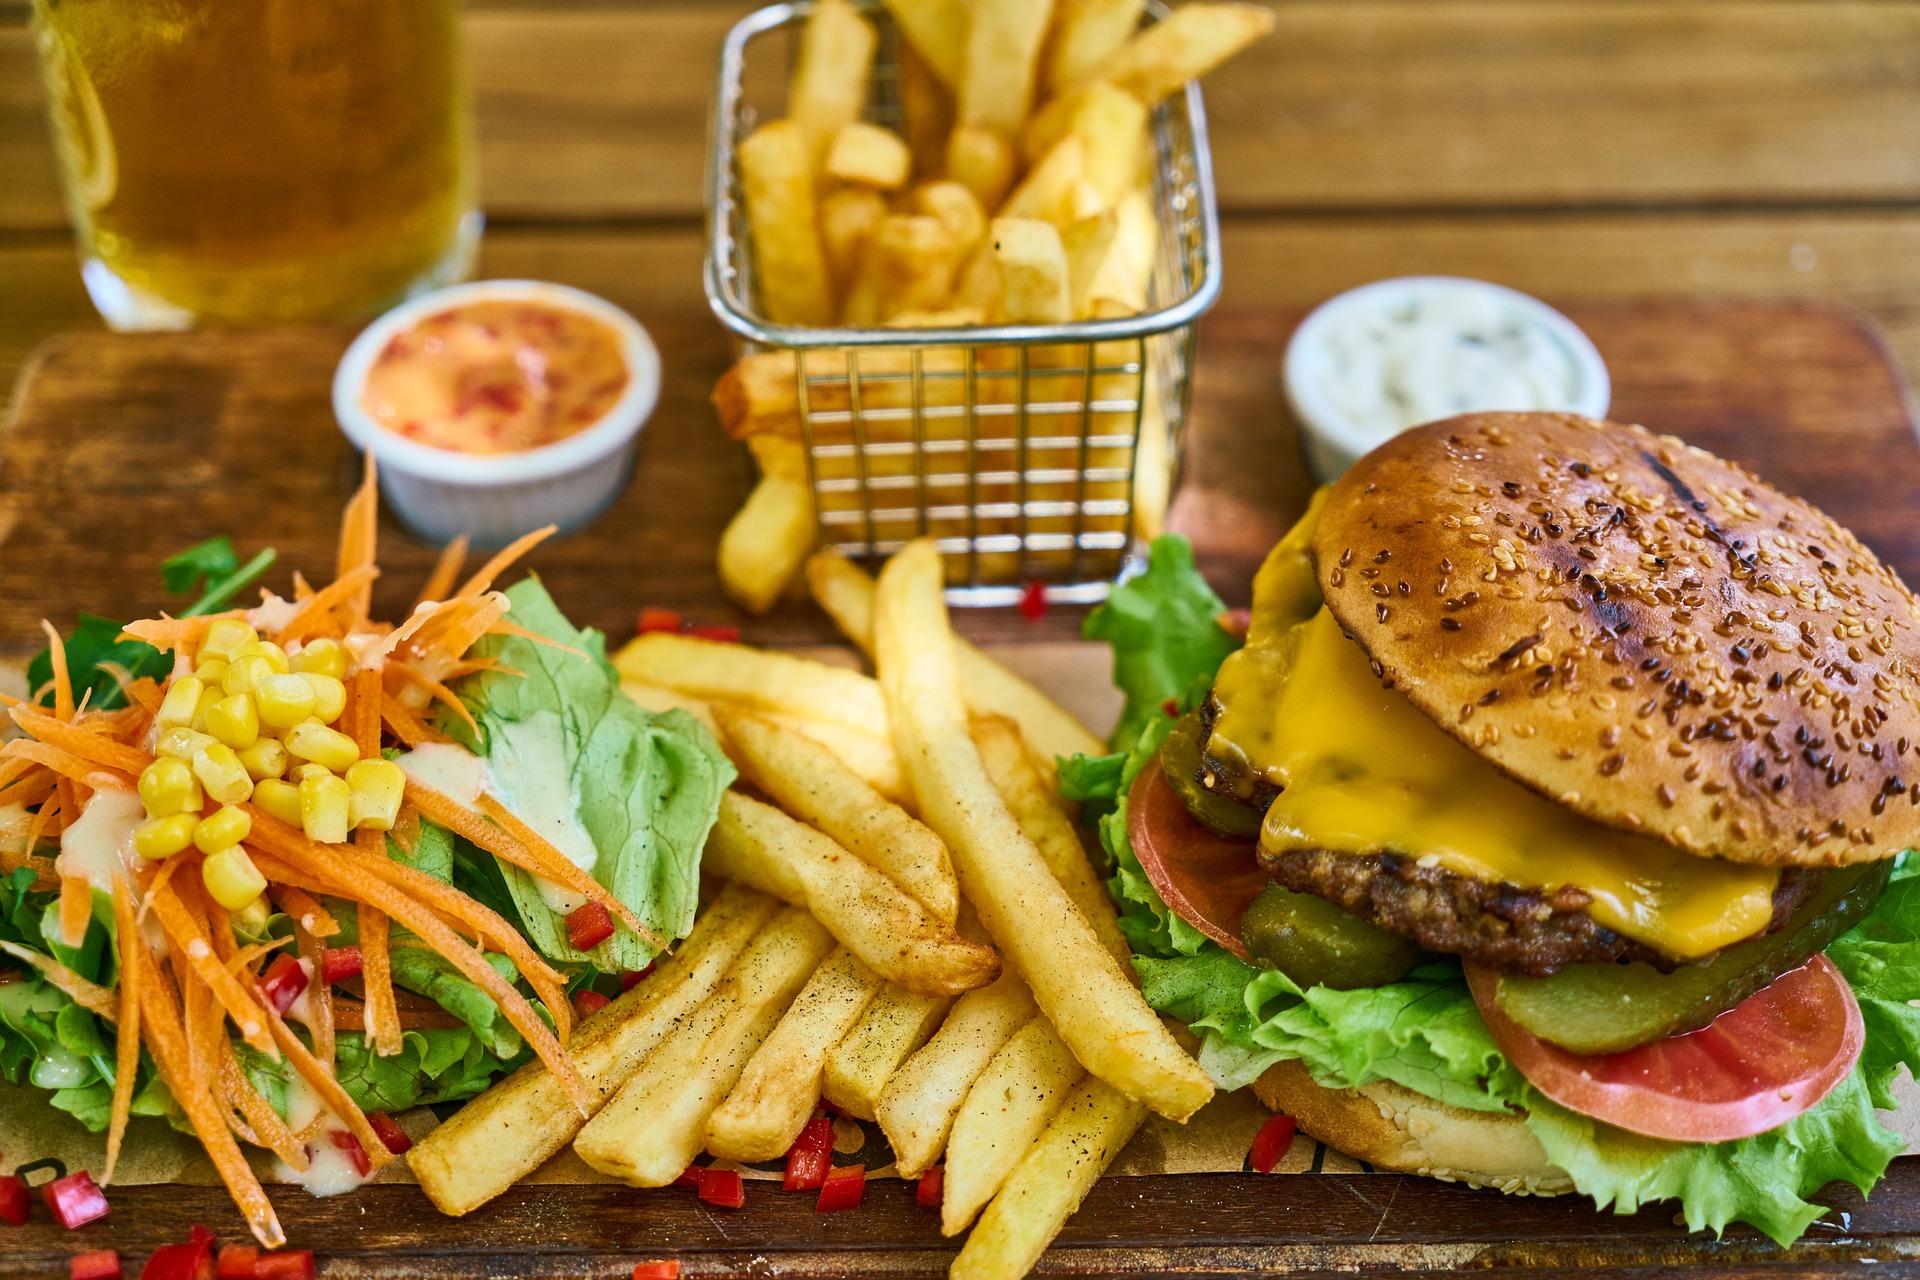 Hamburger mit Pommesfrites, Salat und Dips